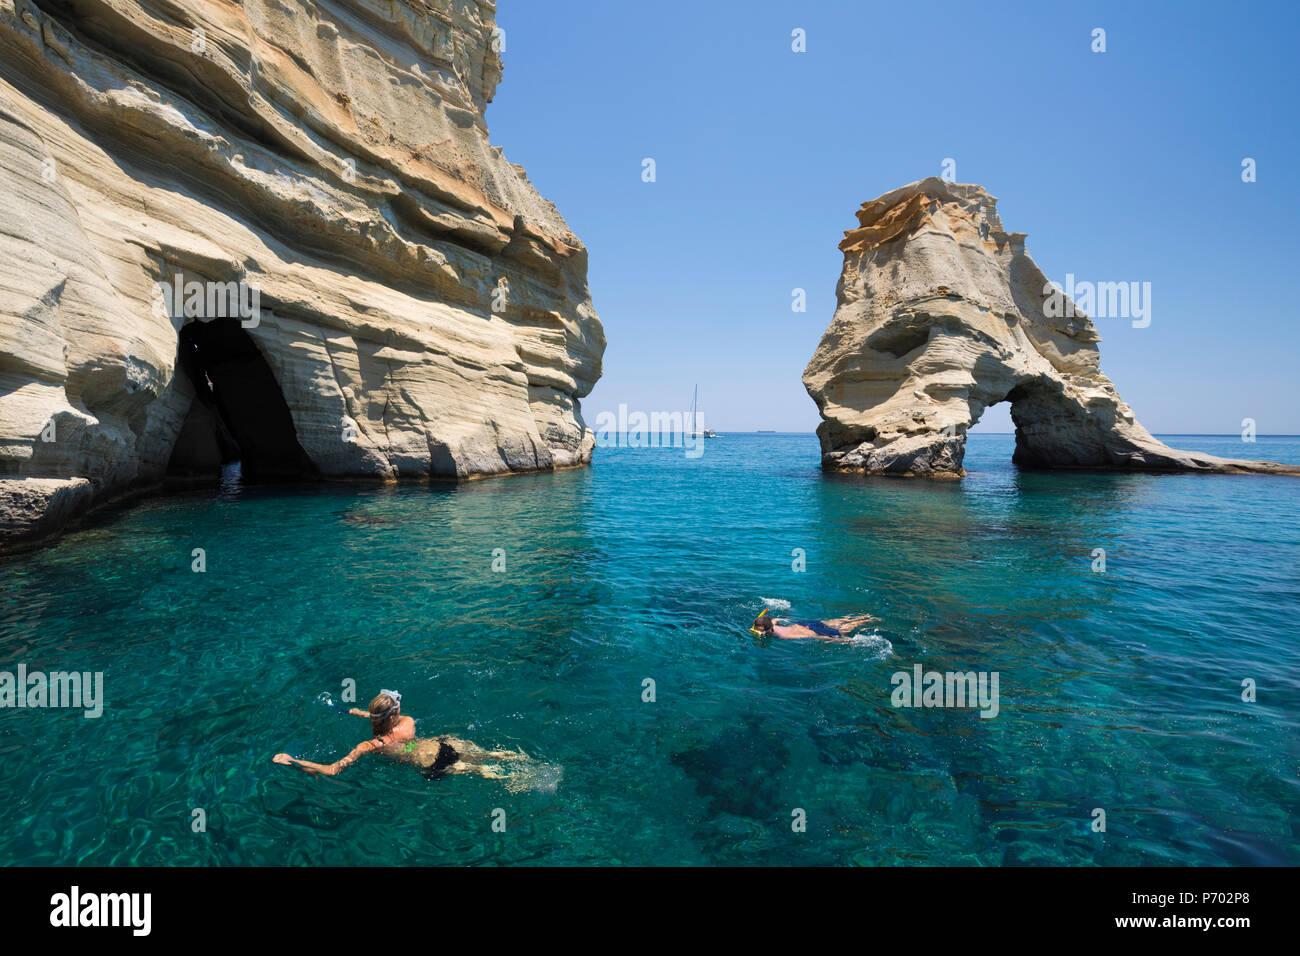 Snorkelling tra formazioni rocciose con acque cristalline, Kleftiko, Milos, Cicladi, il Mare Egeo e le isole greche, Grecia, Europa Immagini Stock